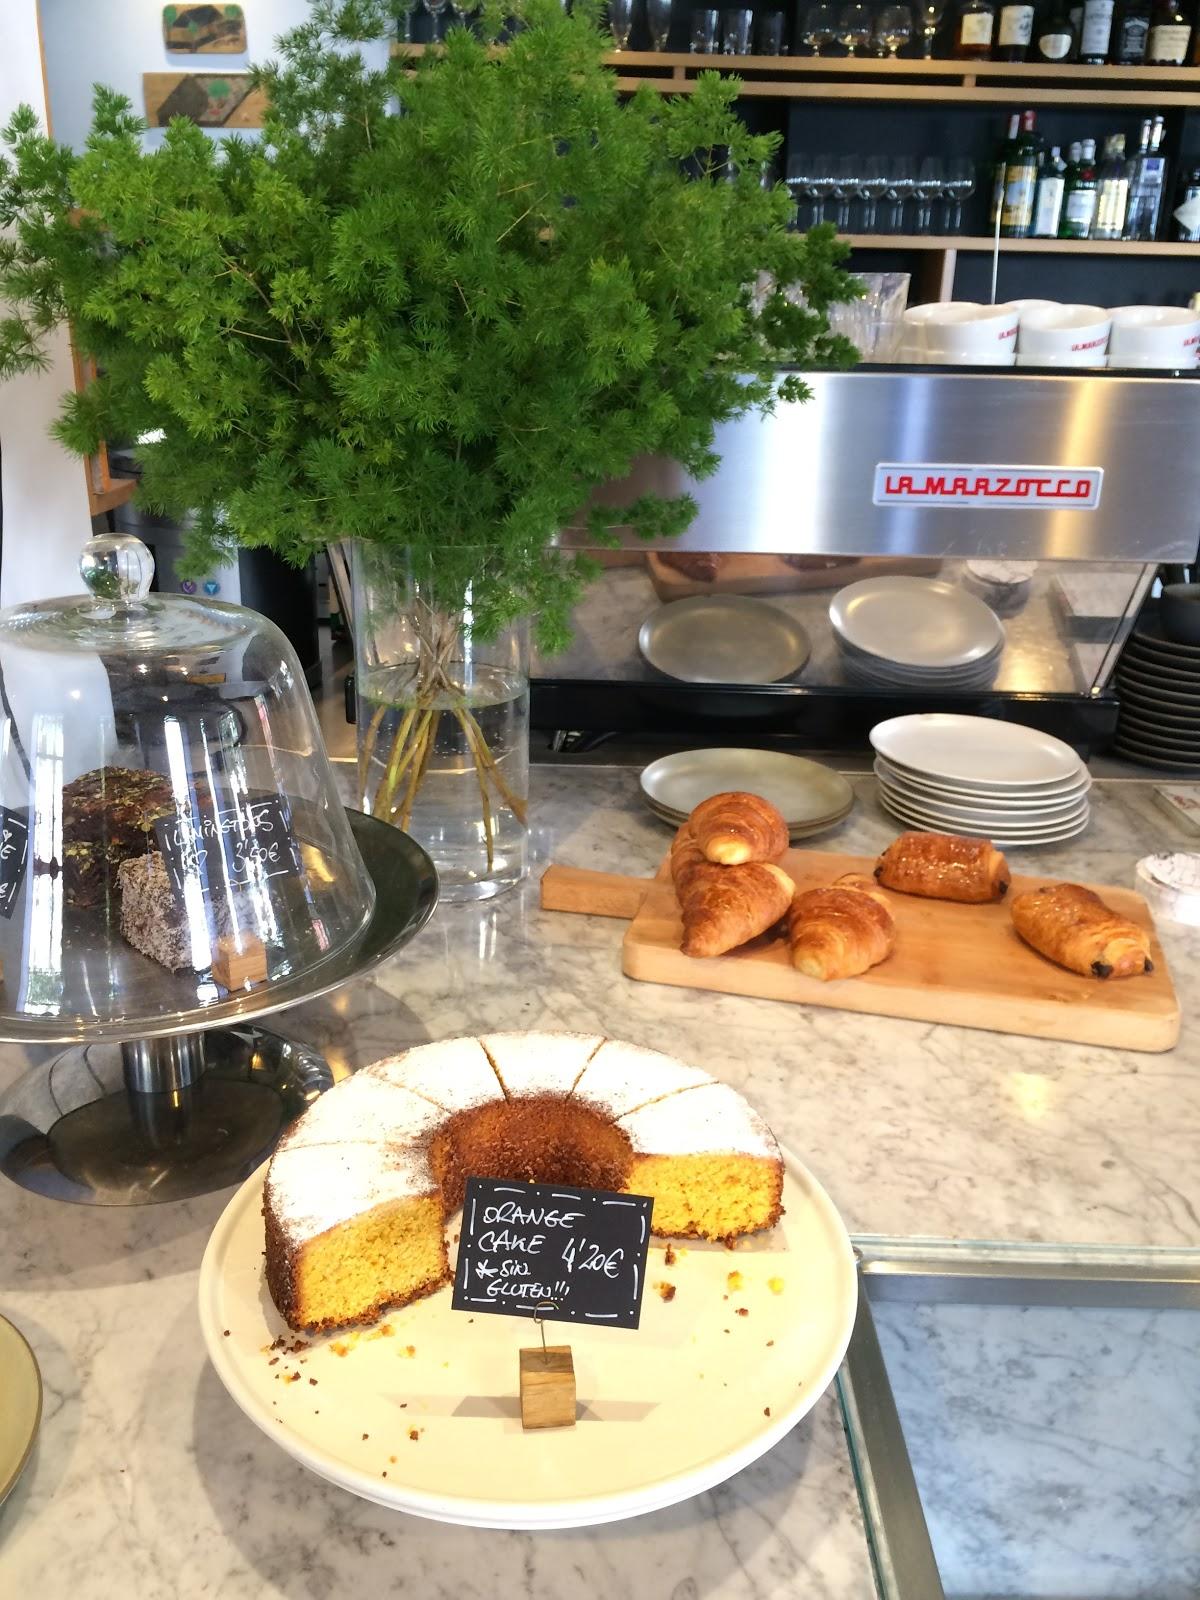 Federal cafe madrid brunch menu